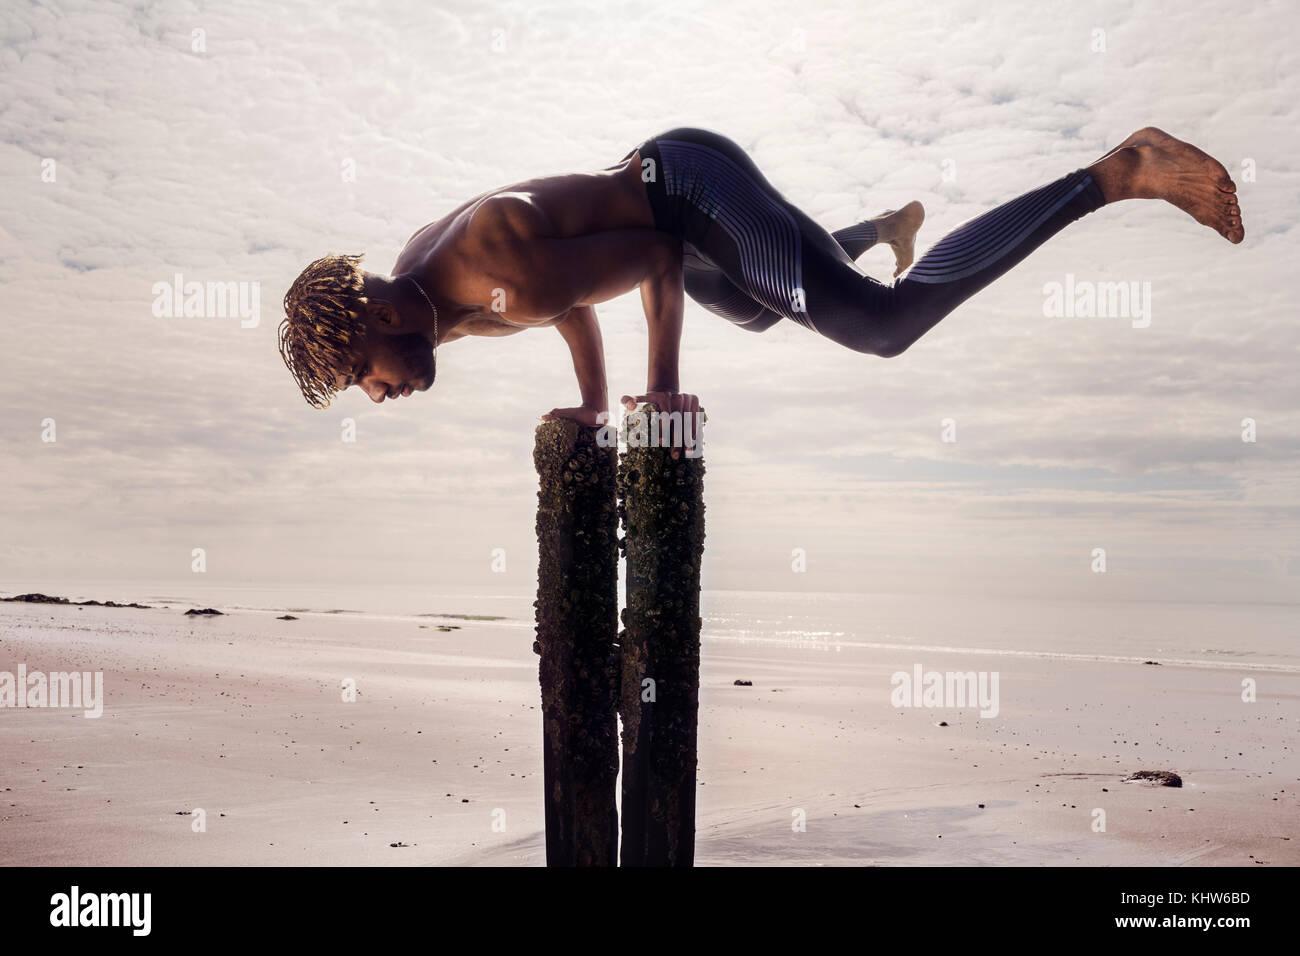 Joven formación, haciendo pino en Playa Madera puestos Imagen De Stock